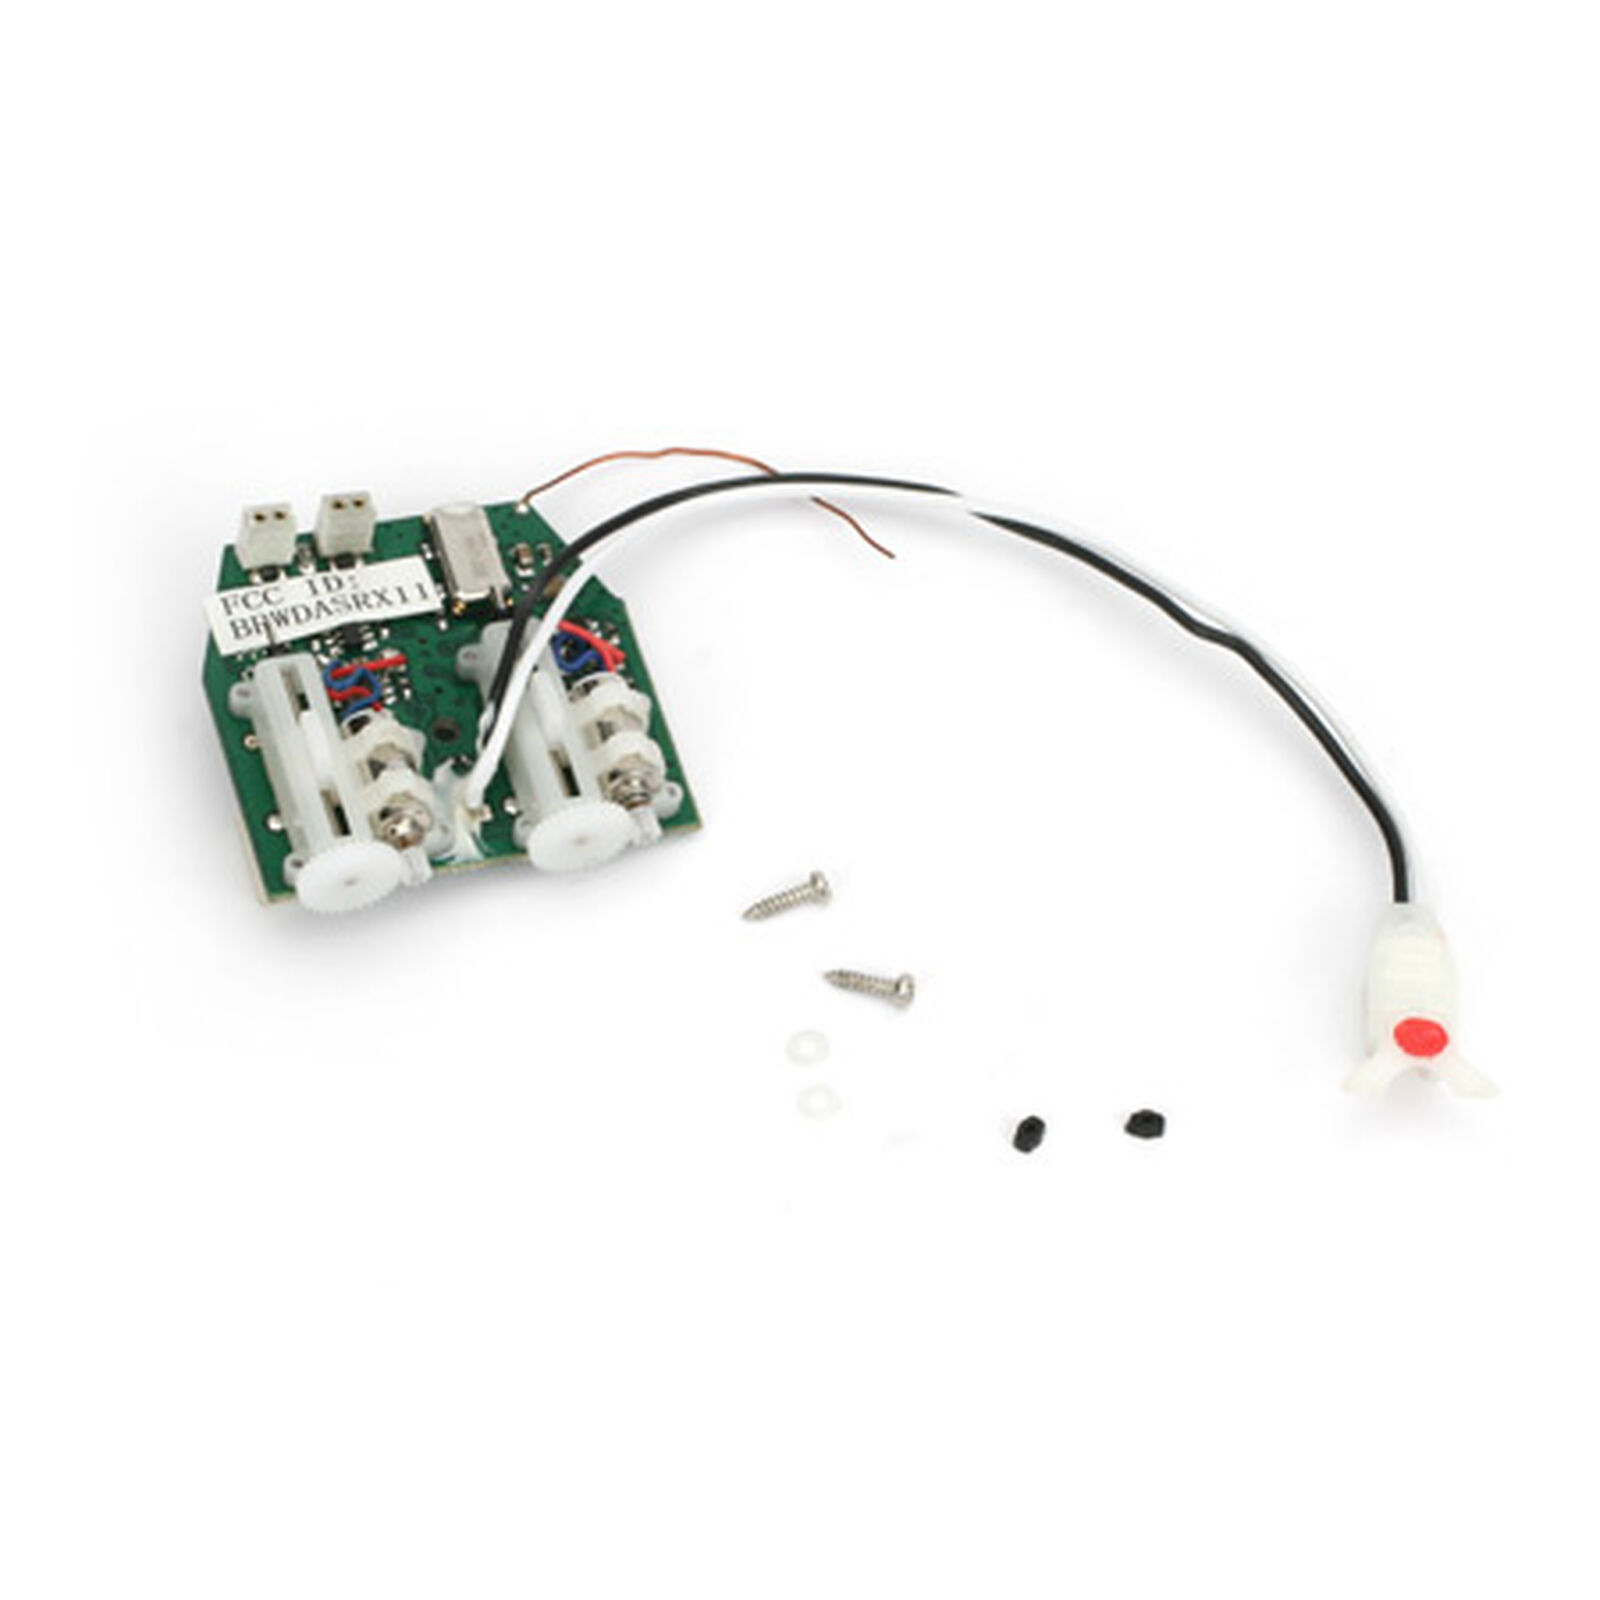 5-in-1 Control Unit, Rx/Sx/ESCs/Mxr/Gyro: BMCX2